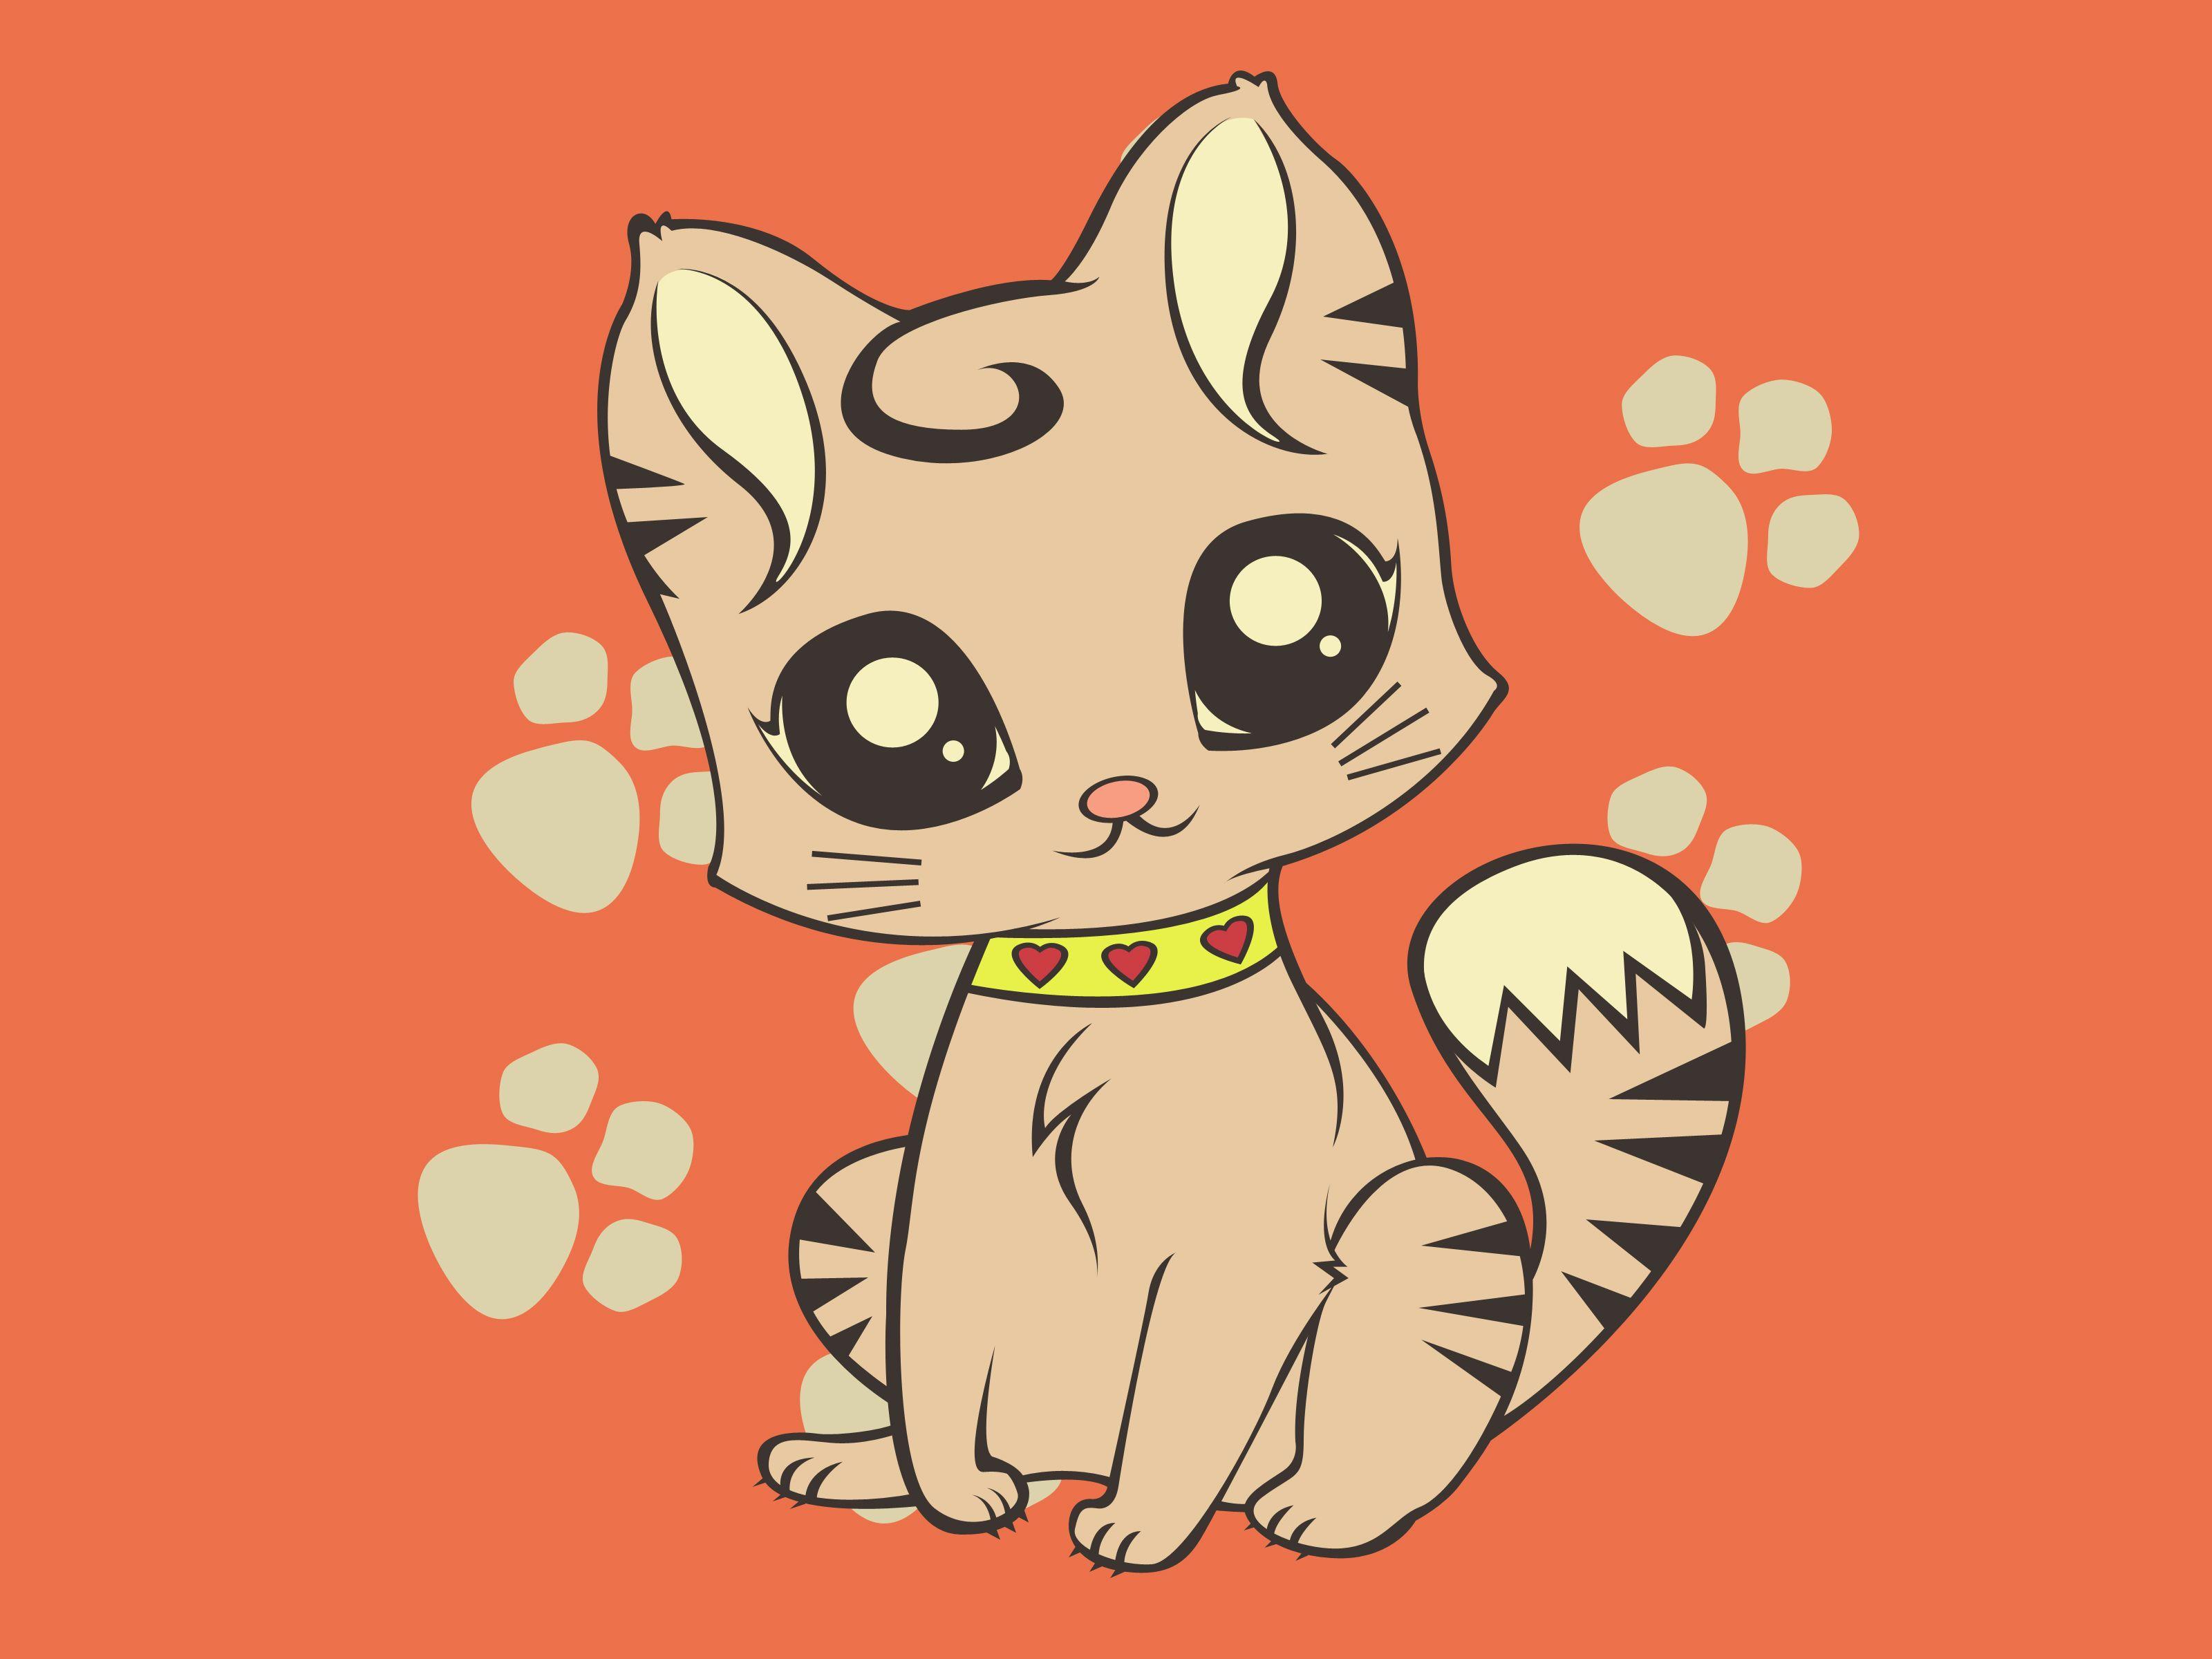 How To Draw A Cute Cartoon Cat Kitten Drawing Cartoon Cat Chibi Cat